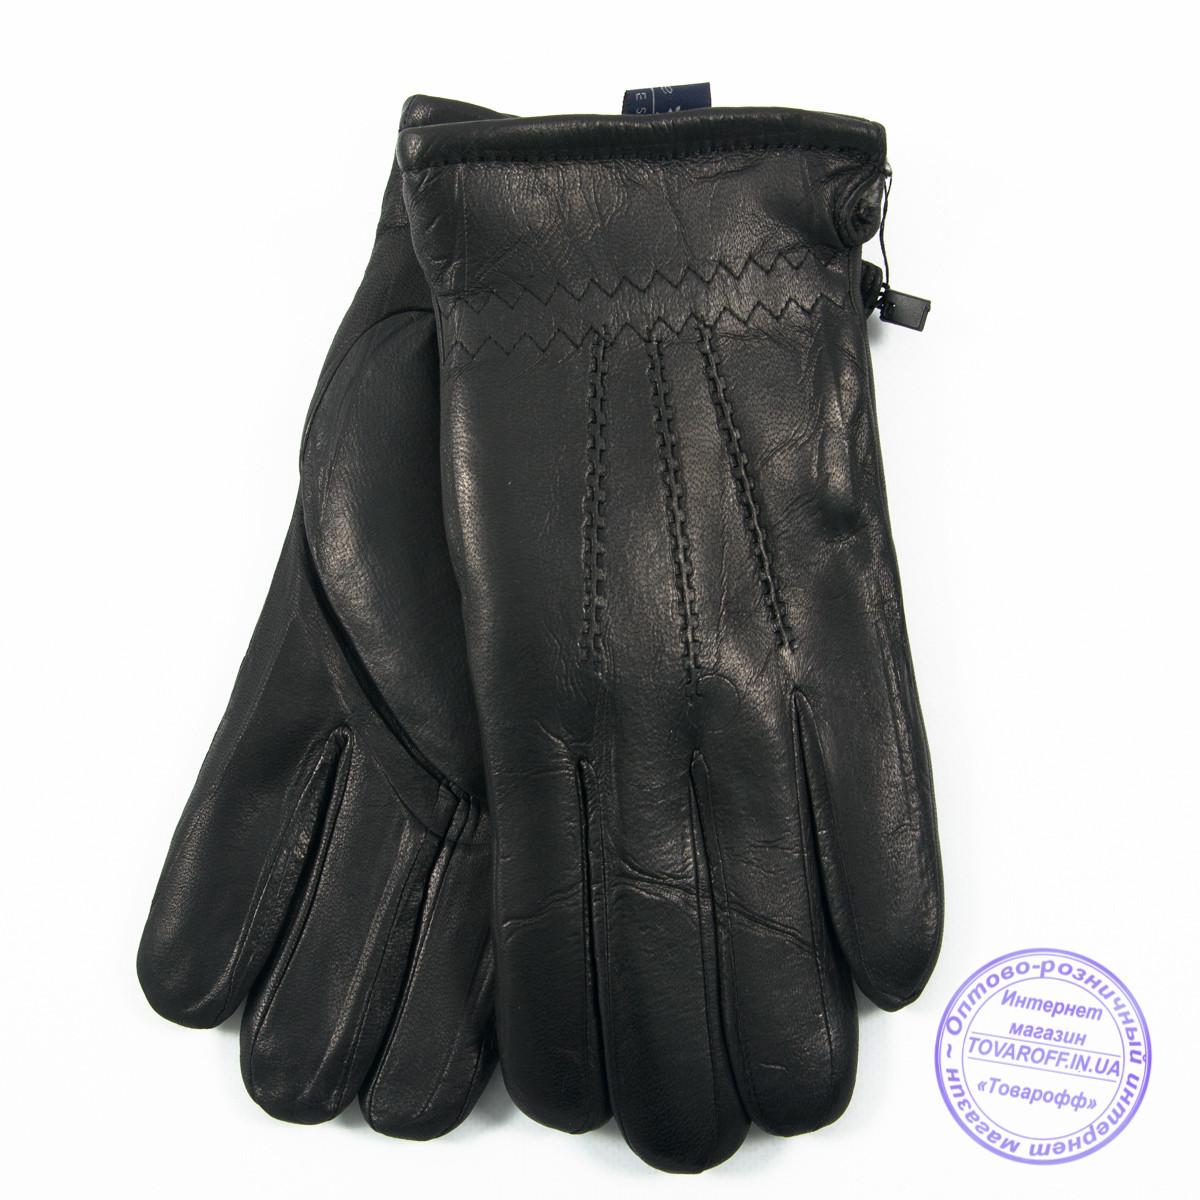 Мужские кожаные (матовая кожа) перчатки зимние на сером шерстяном меху - №M30-1